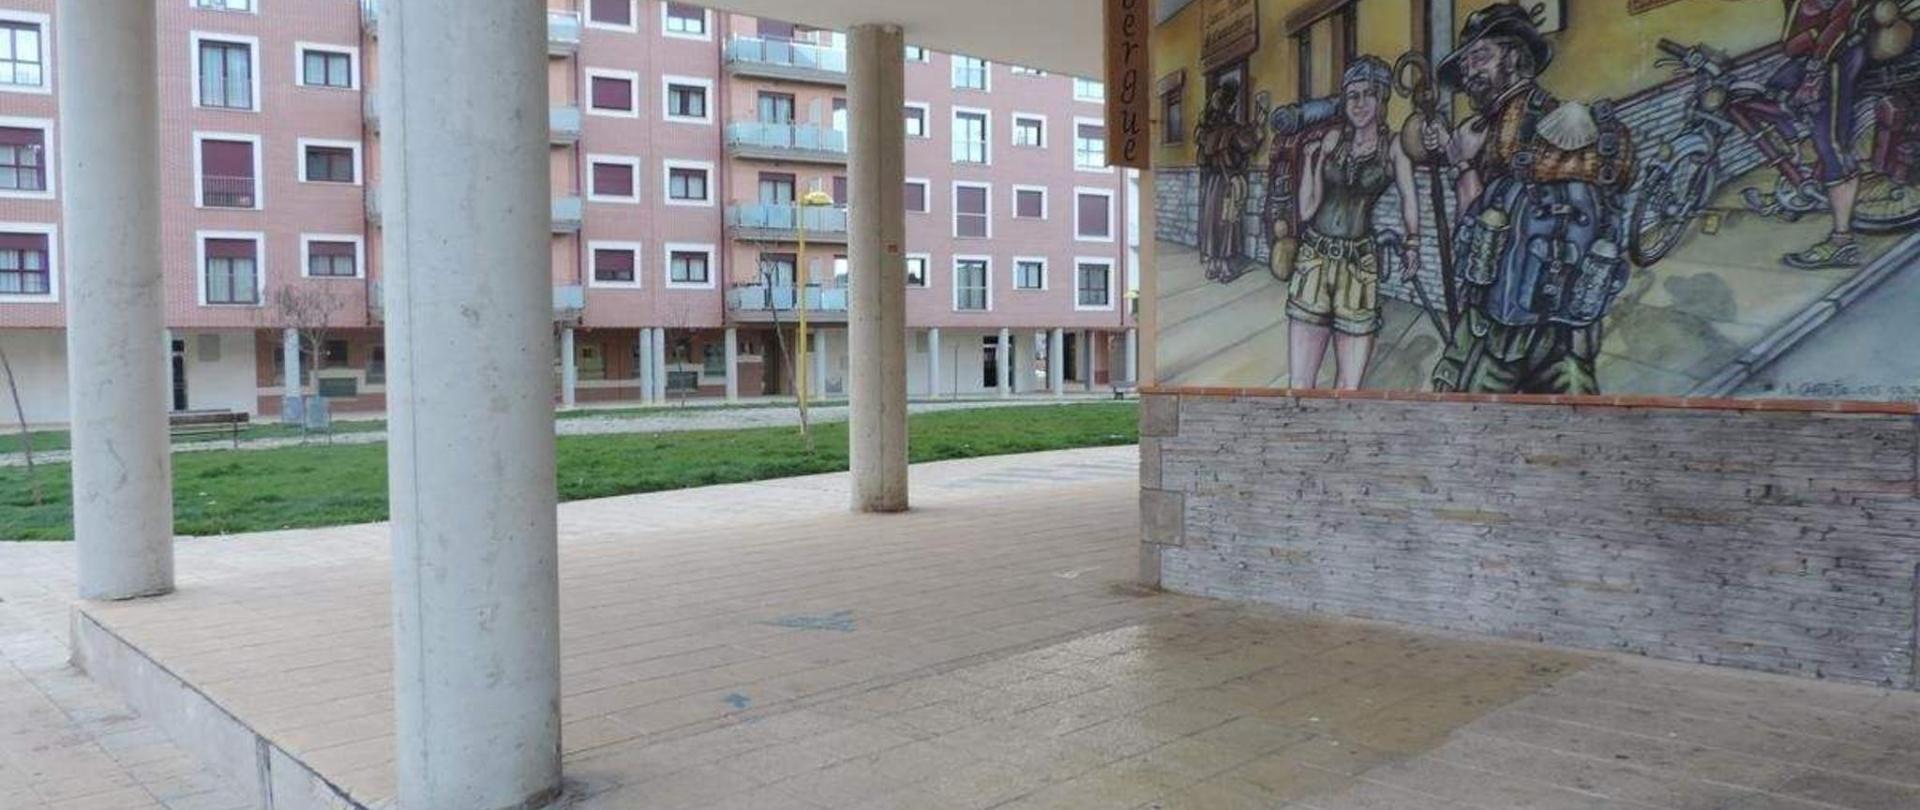 Mural-fachada.jpg